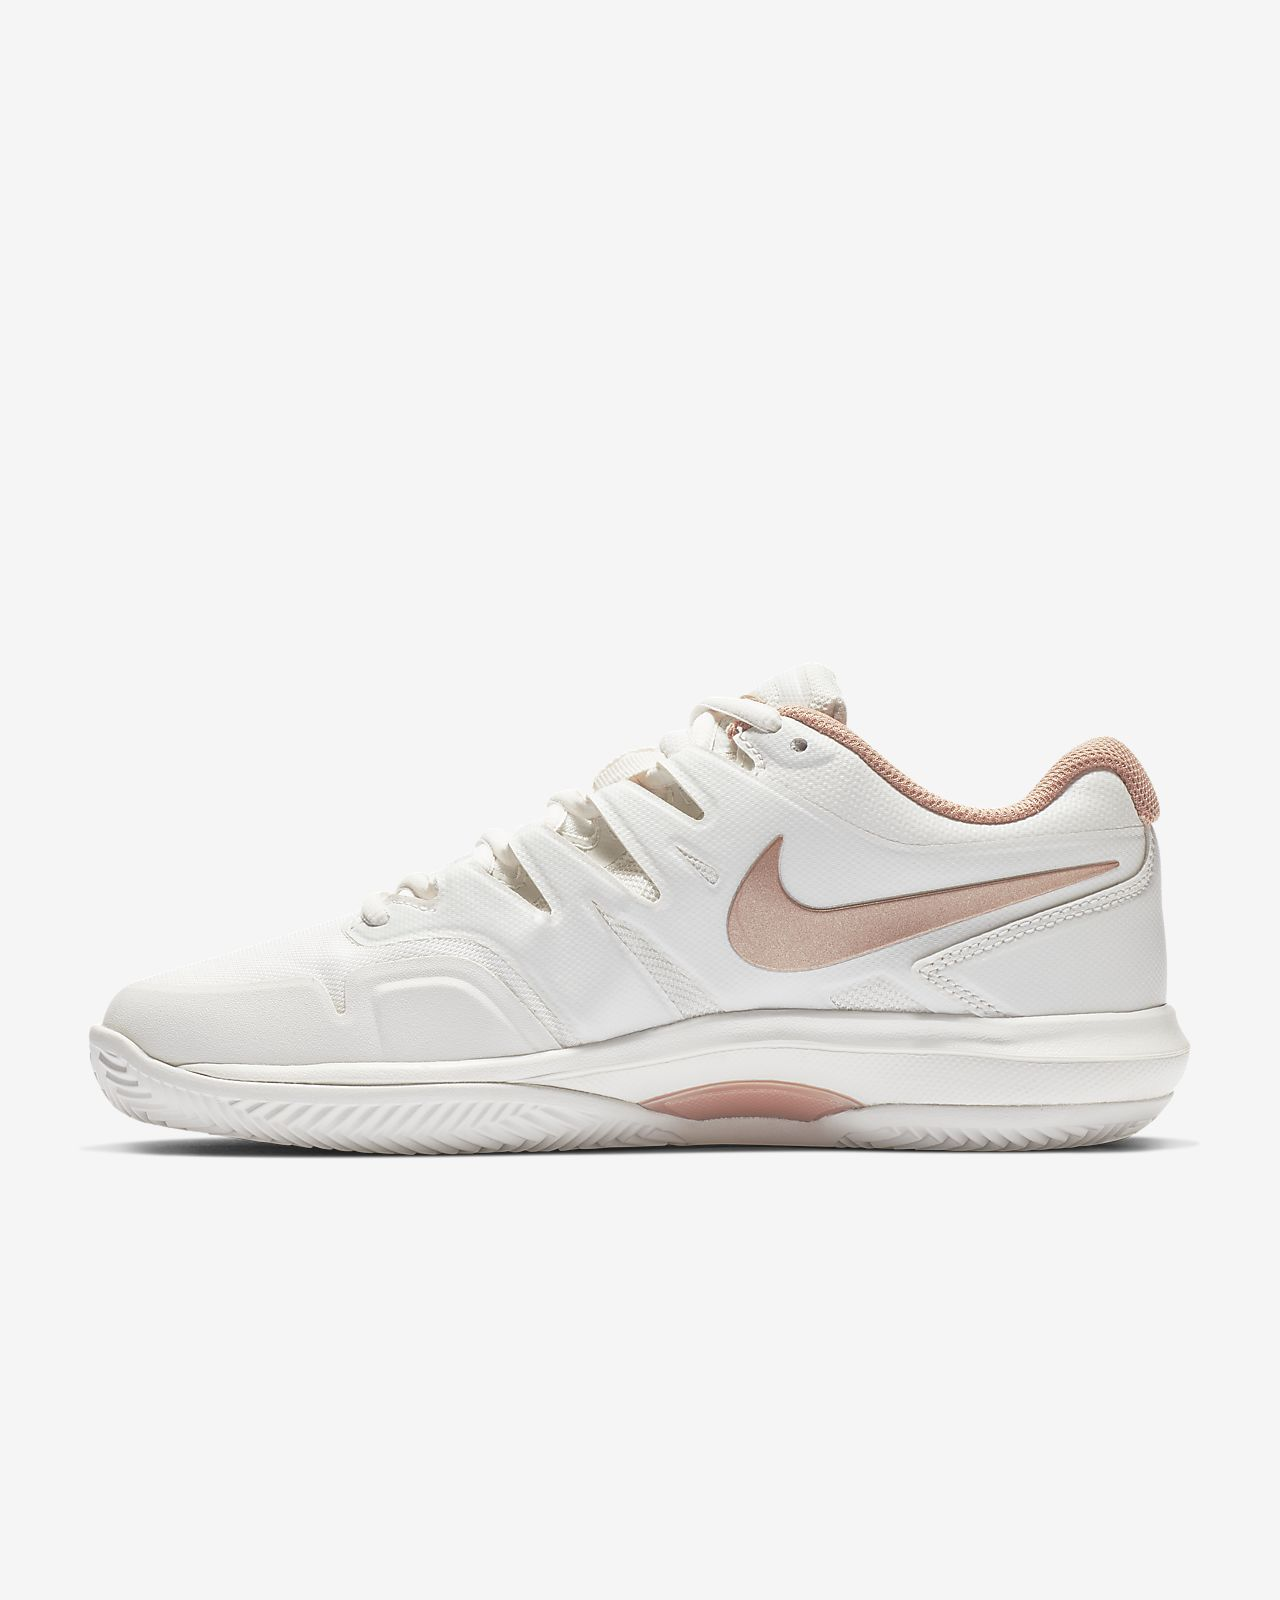 d0e2b595f55 Γυναικείο παπούτσι τένις Nike Air Zoom Prestige Clay. Nike.com GR